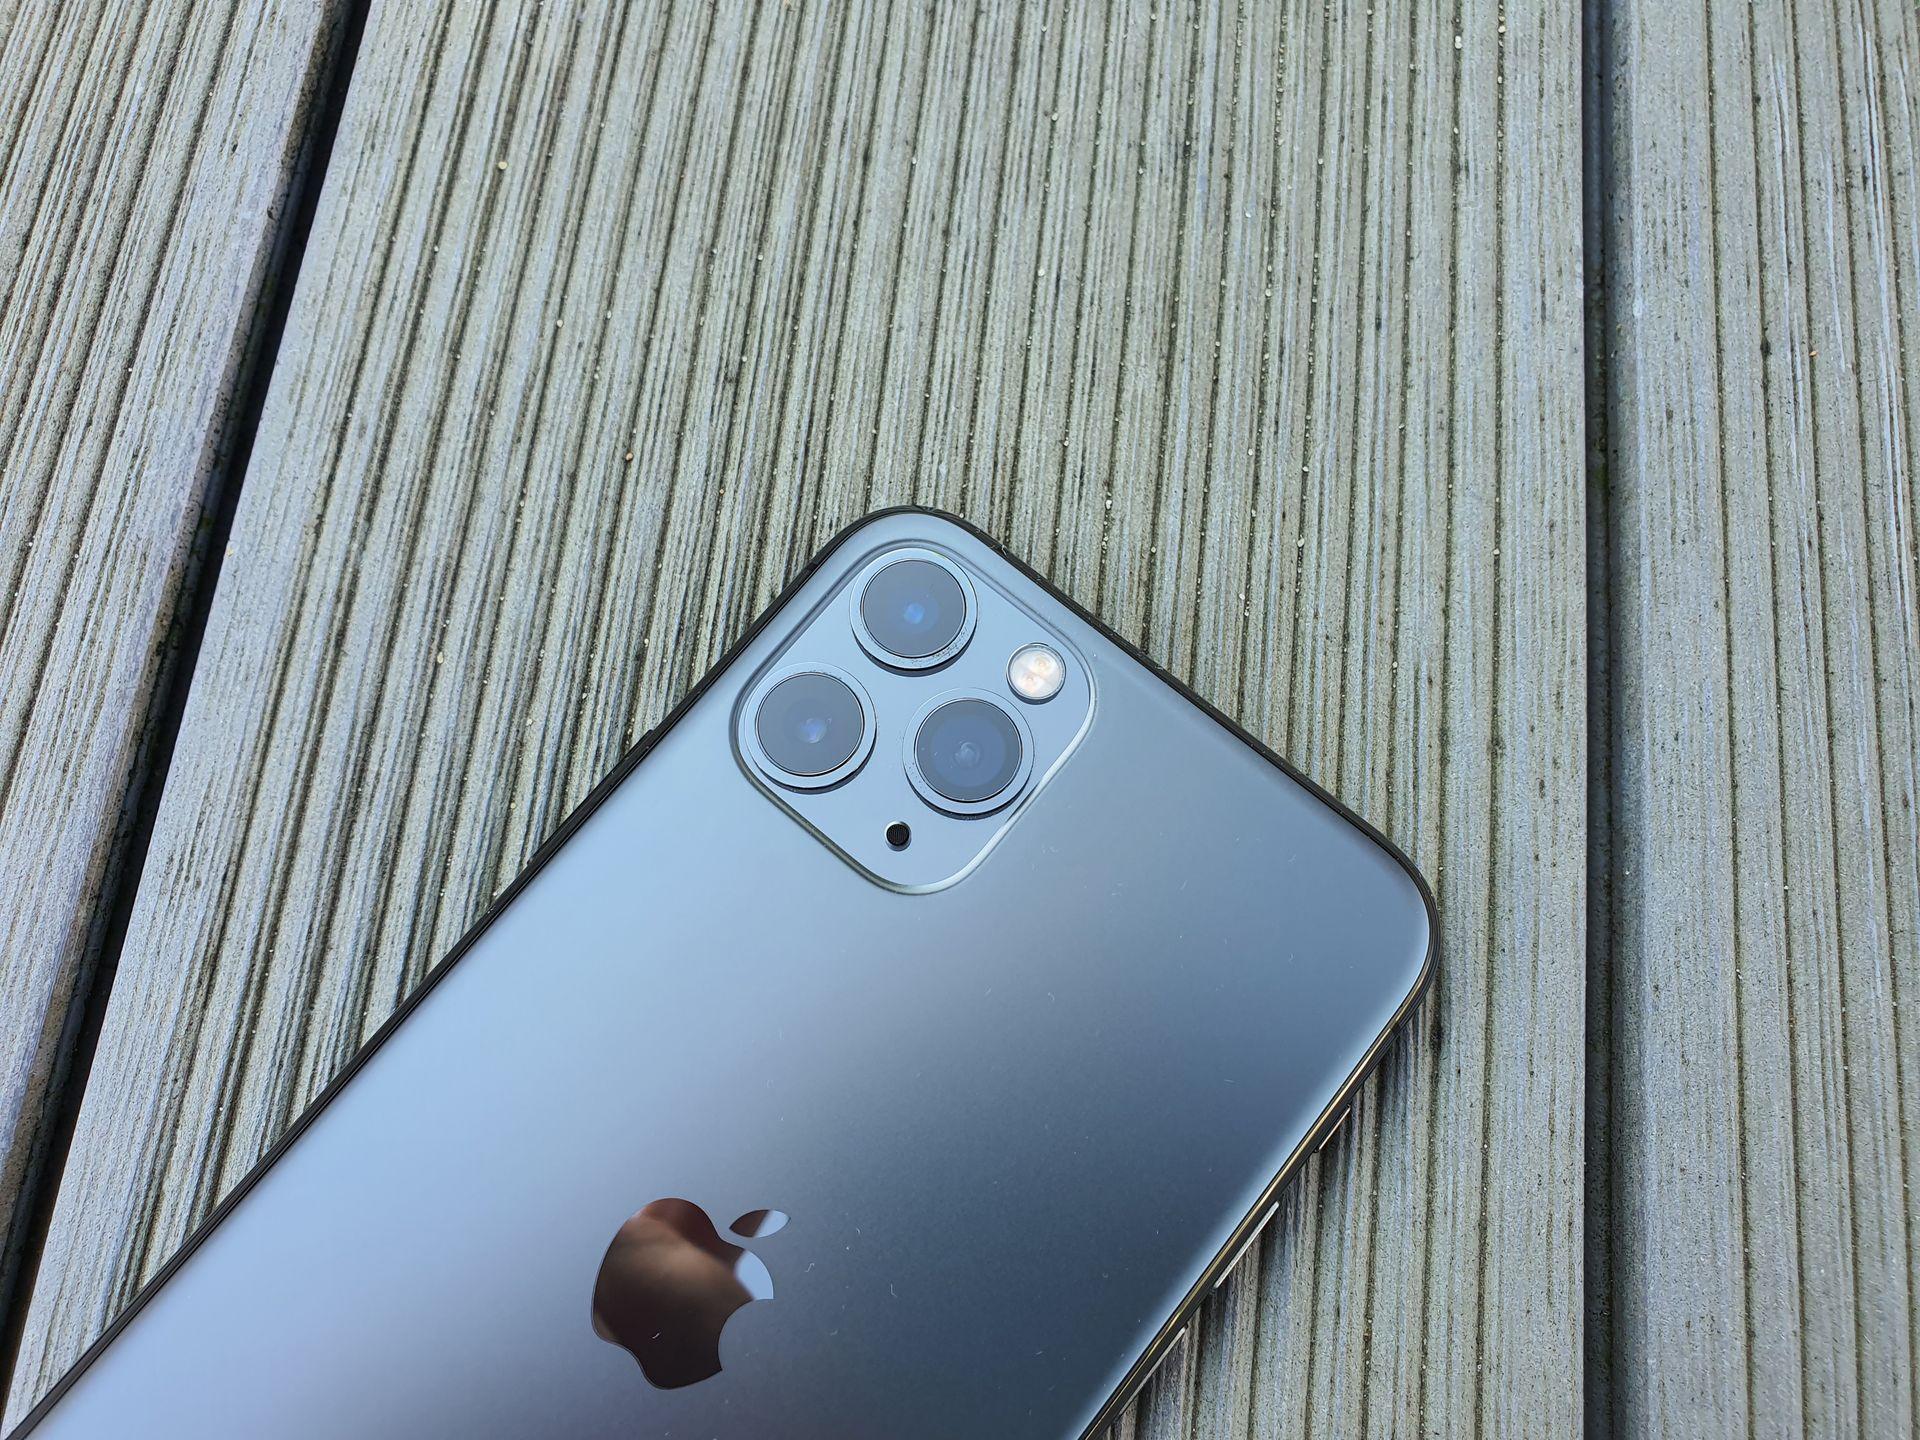 iphone 11 pro aparat